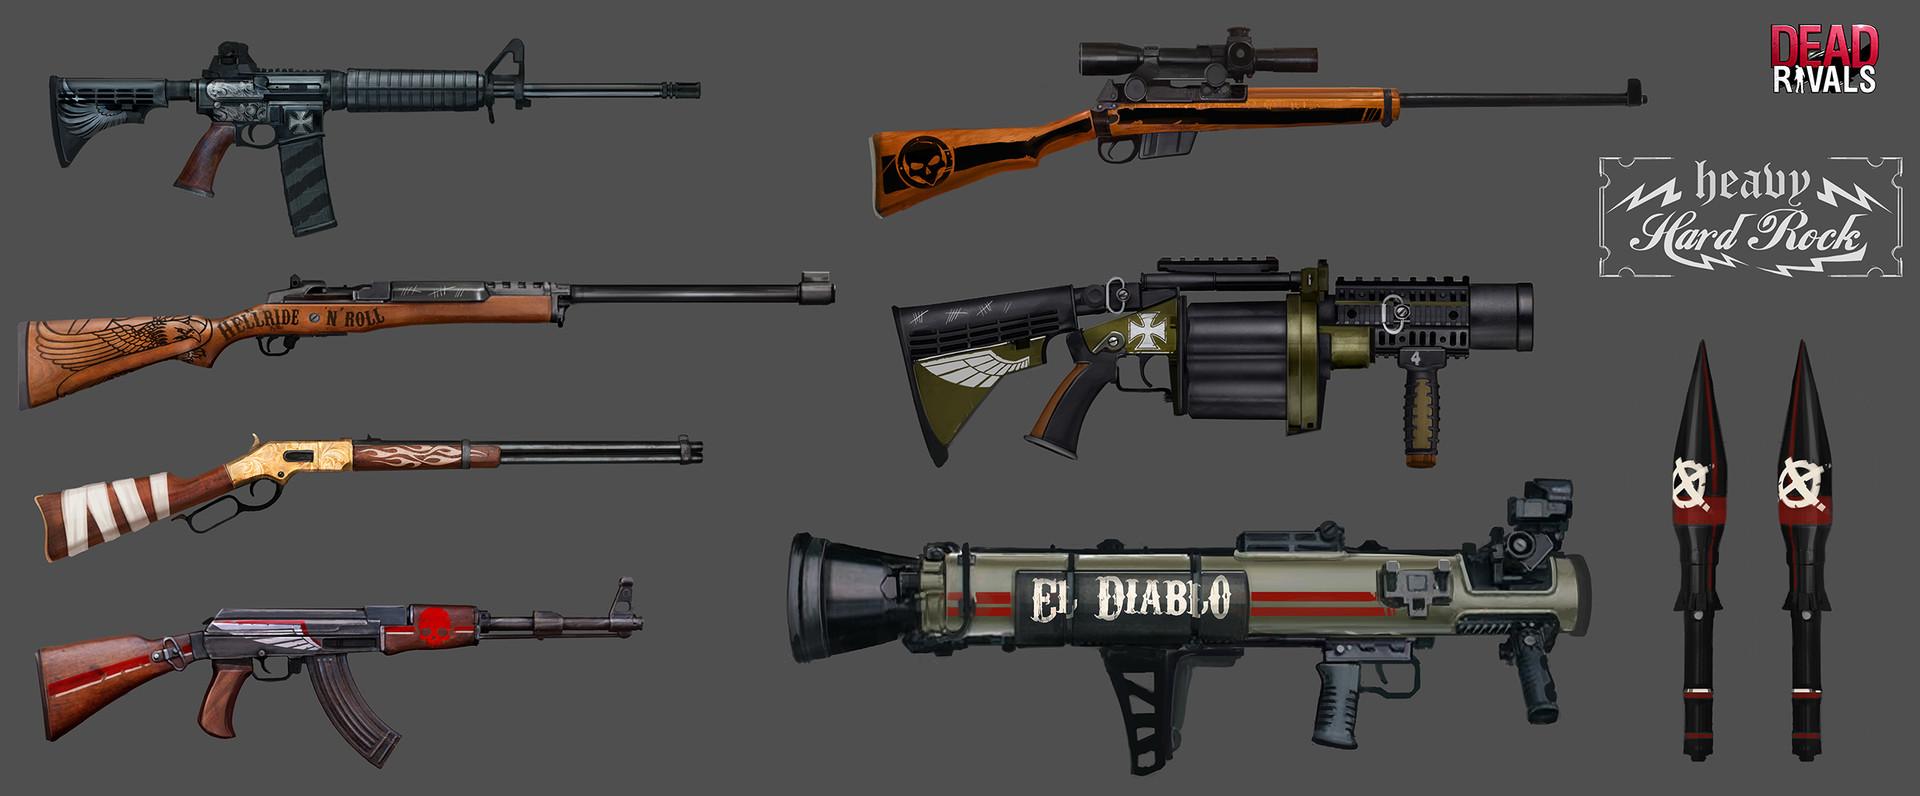 Alexandre chaudret dw props weapons 03